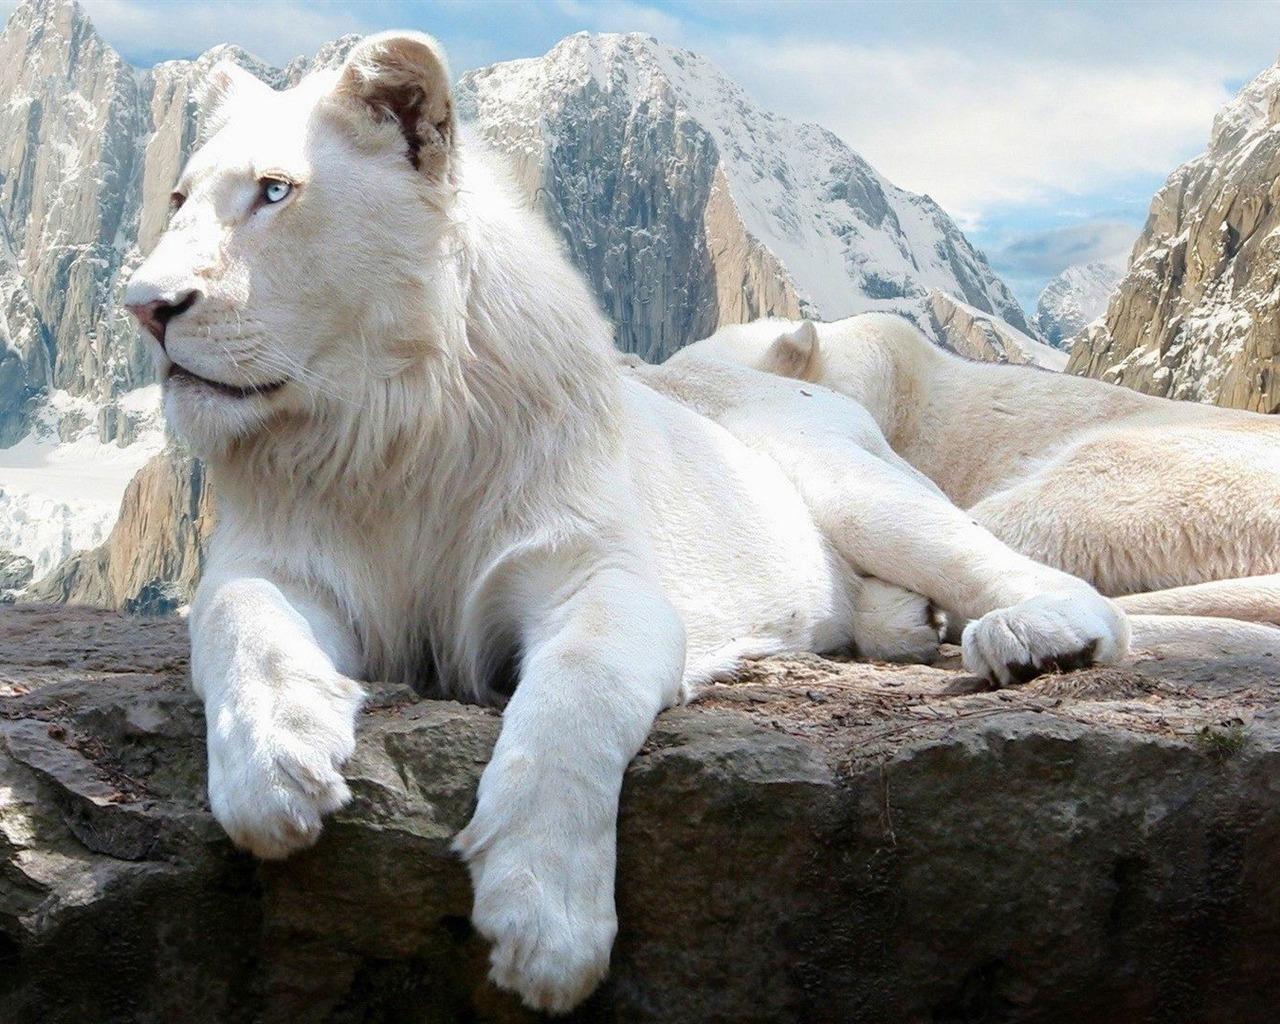 le lion blanc fonds d 39 cran animaux mignons aper u. Black Bedroom Furniture Sets. Home Design Ideas